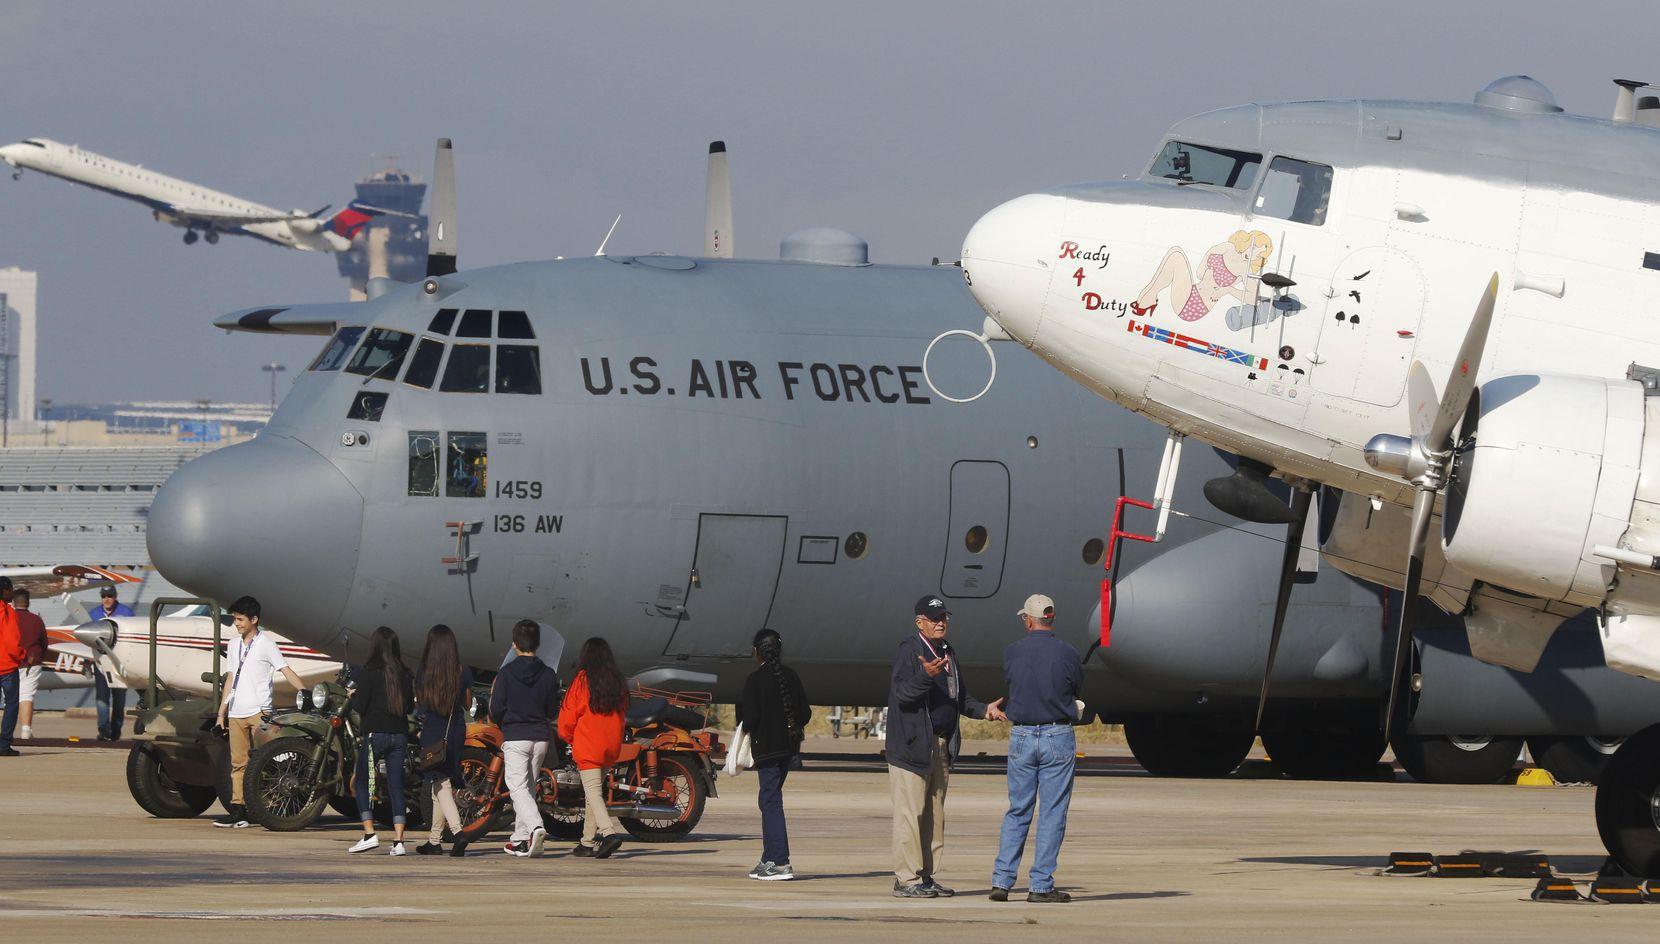 Estudiantes de varias preparatorias del Norte de Texas llegaron Aviation & Transportation Career Expo que tenía como objetivo presentarles opciones para estudiar carreras en el transporte aéreo. DAVID WOO/DMN